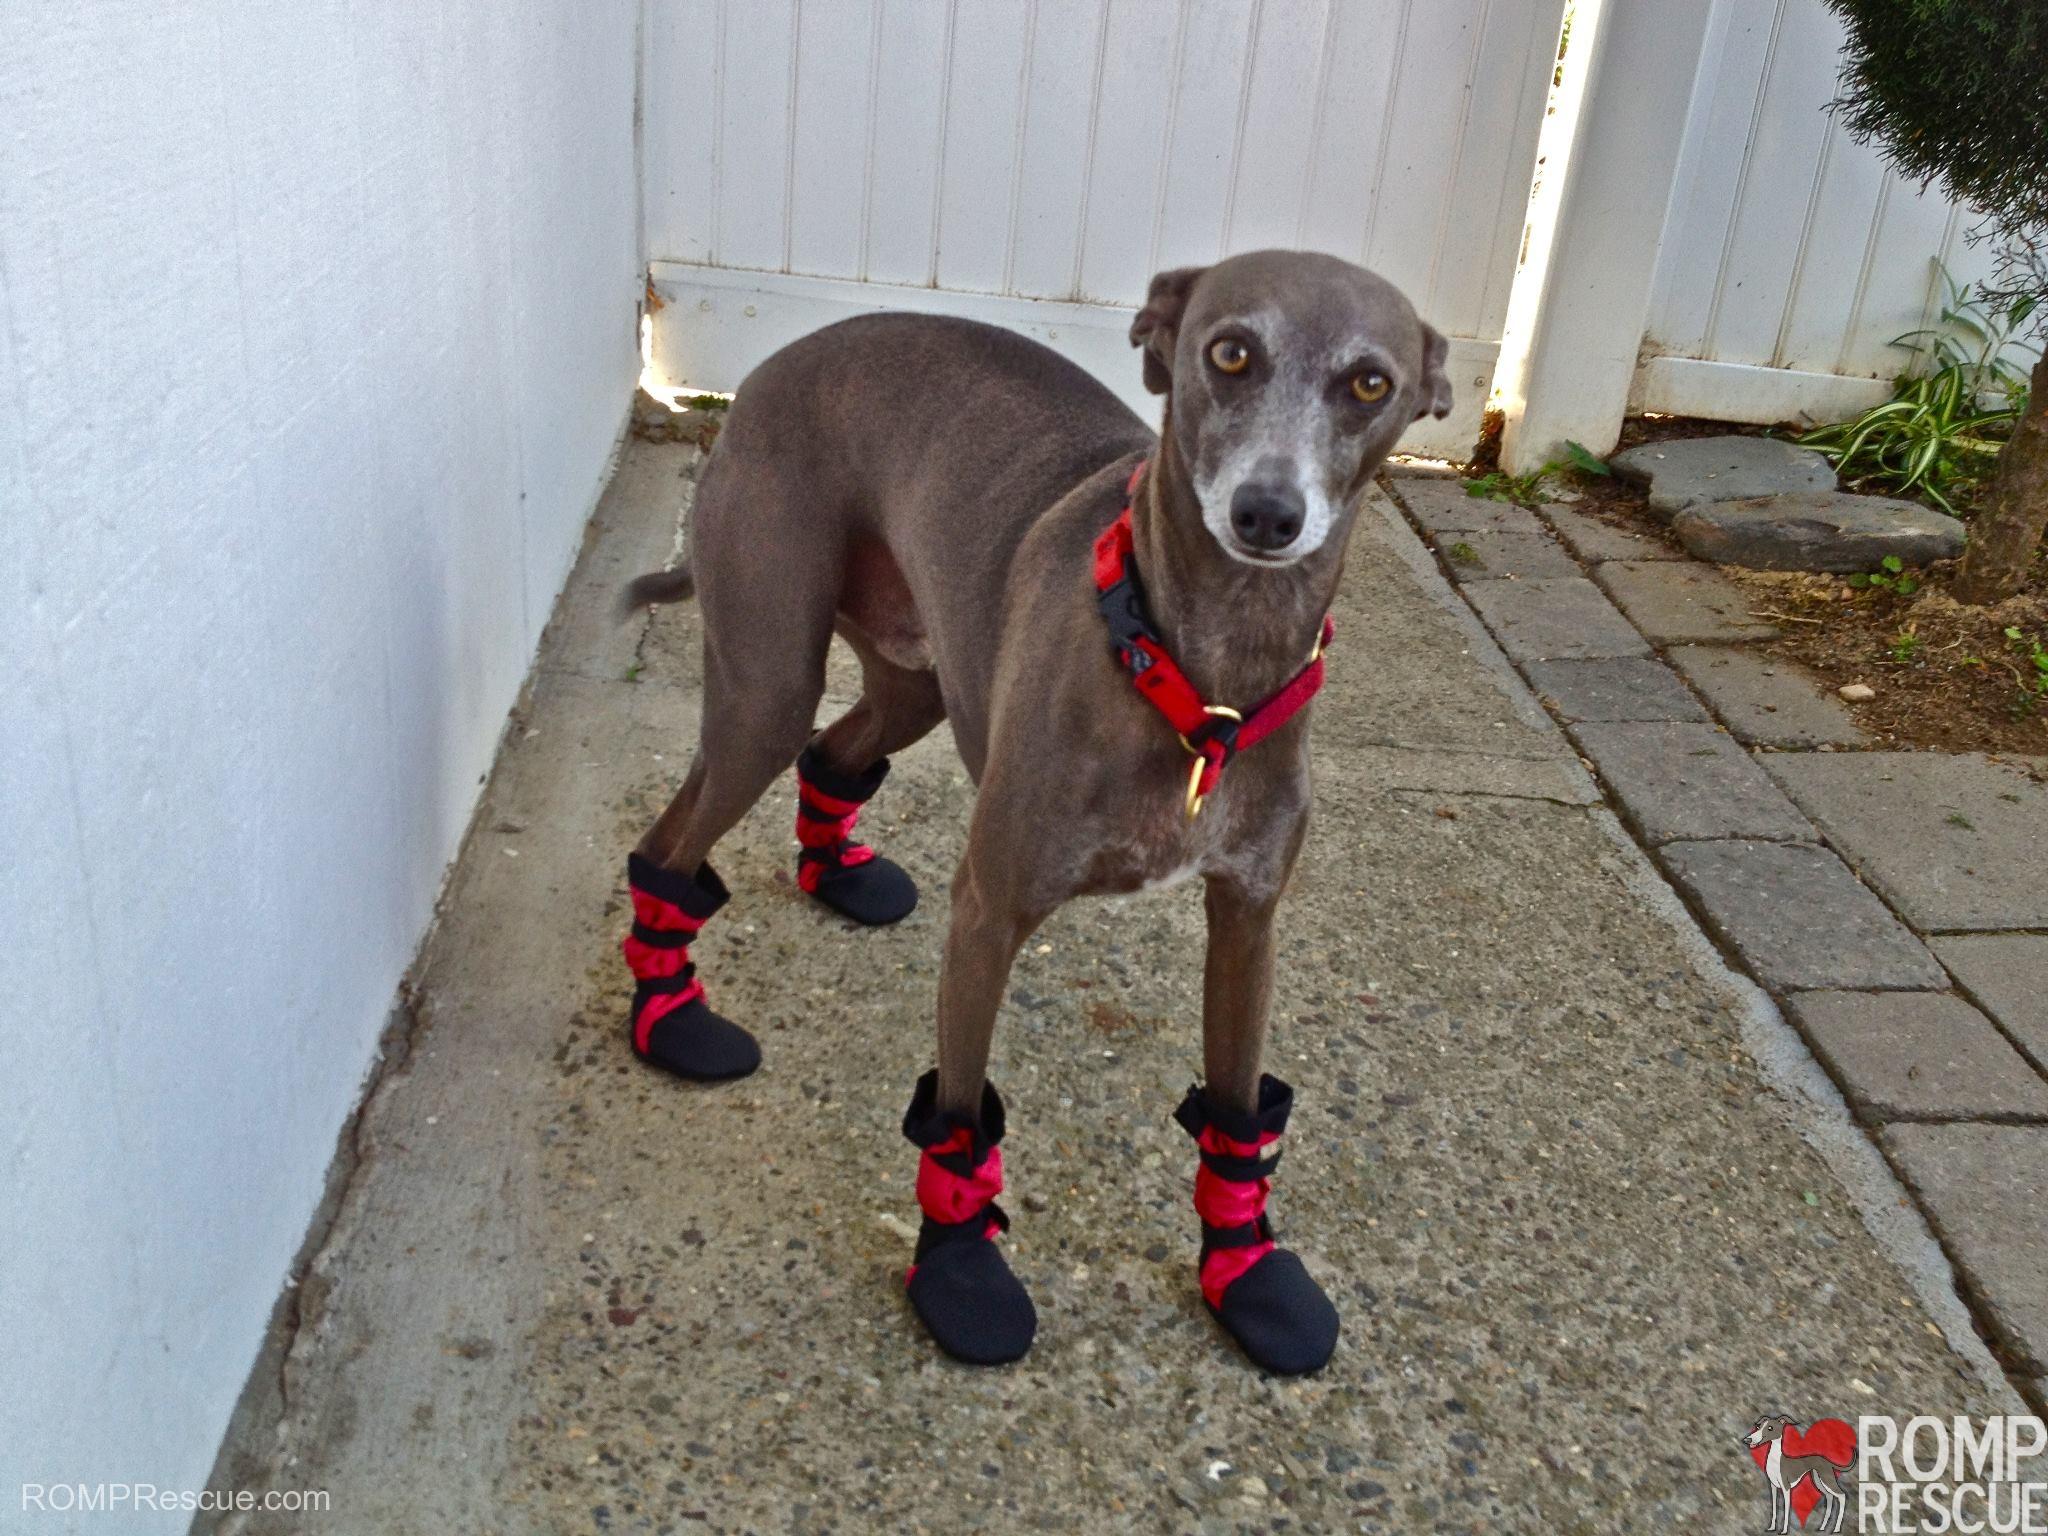 Italian Greyhound boots, custom dog boots, italian greyhound custom boots, woof woofs, doggy booties, dog booties, snow boots, dog snow boots